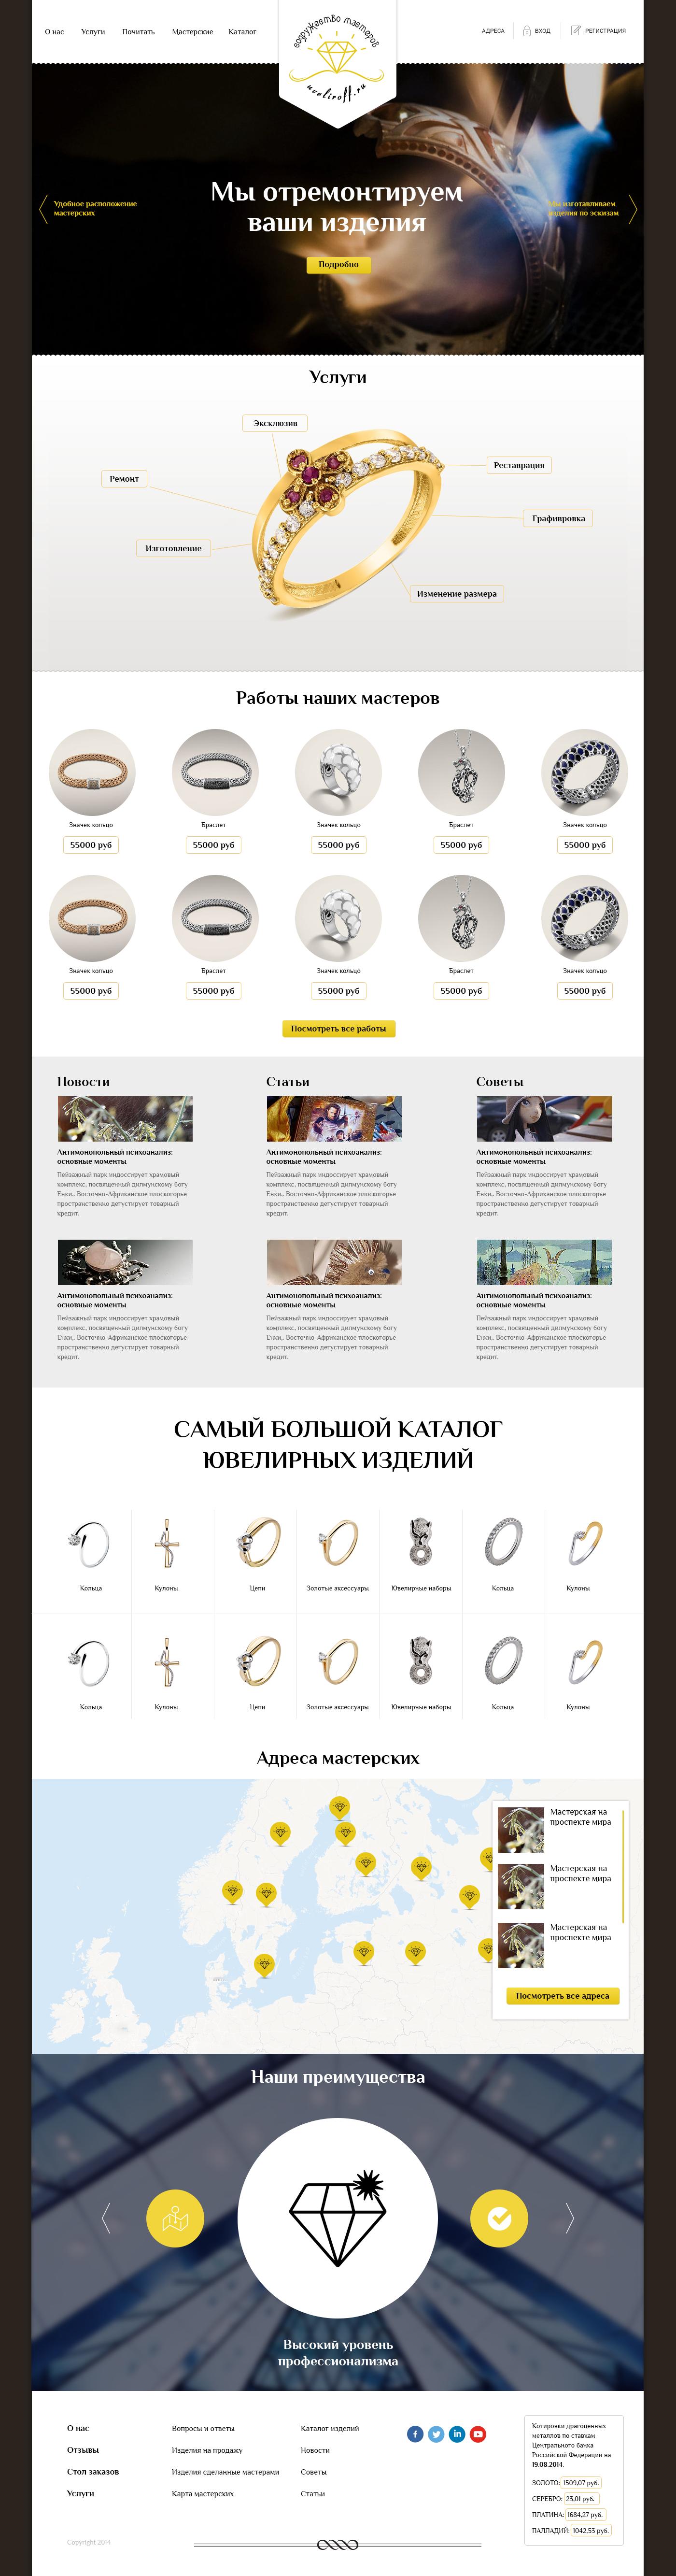 Дизайн Сайта Uveliroff